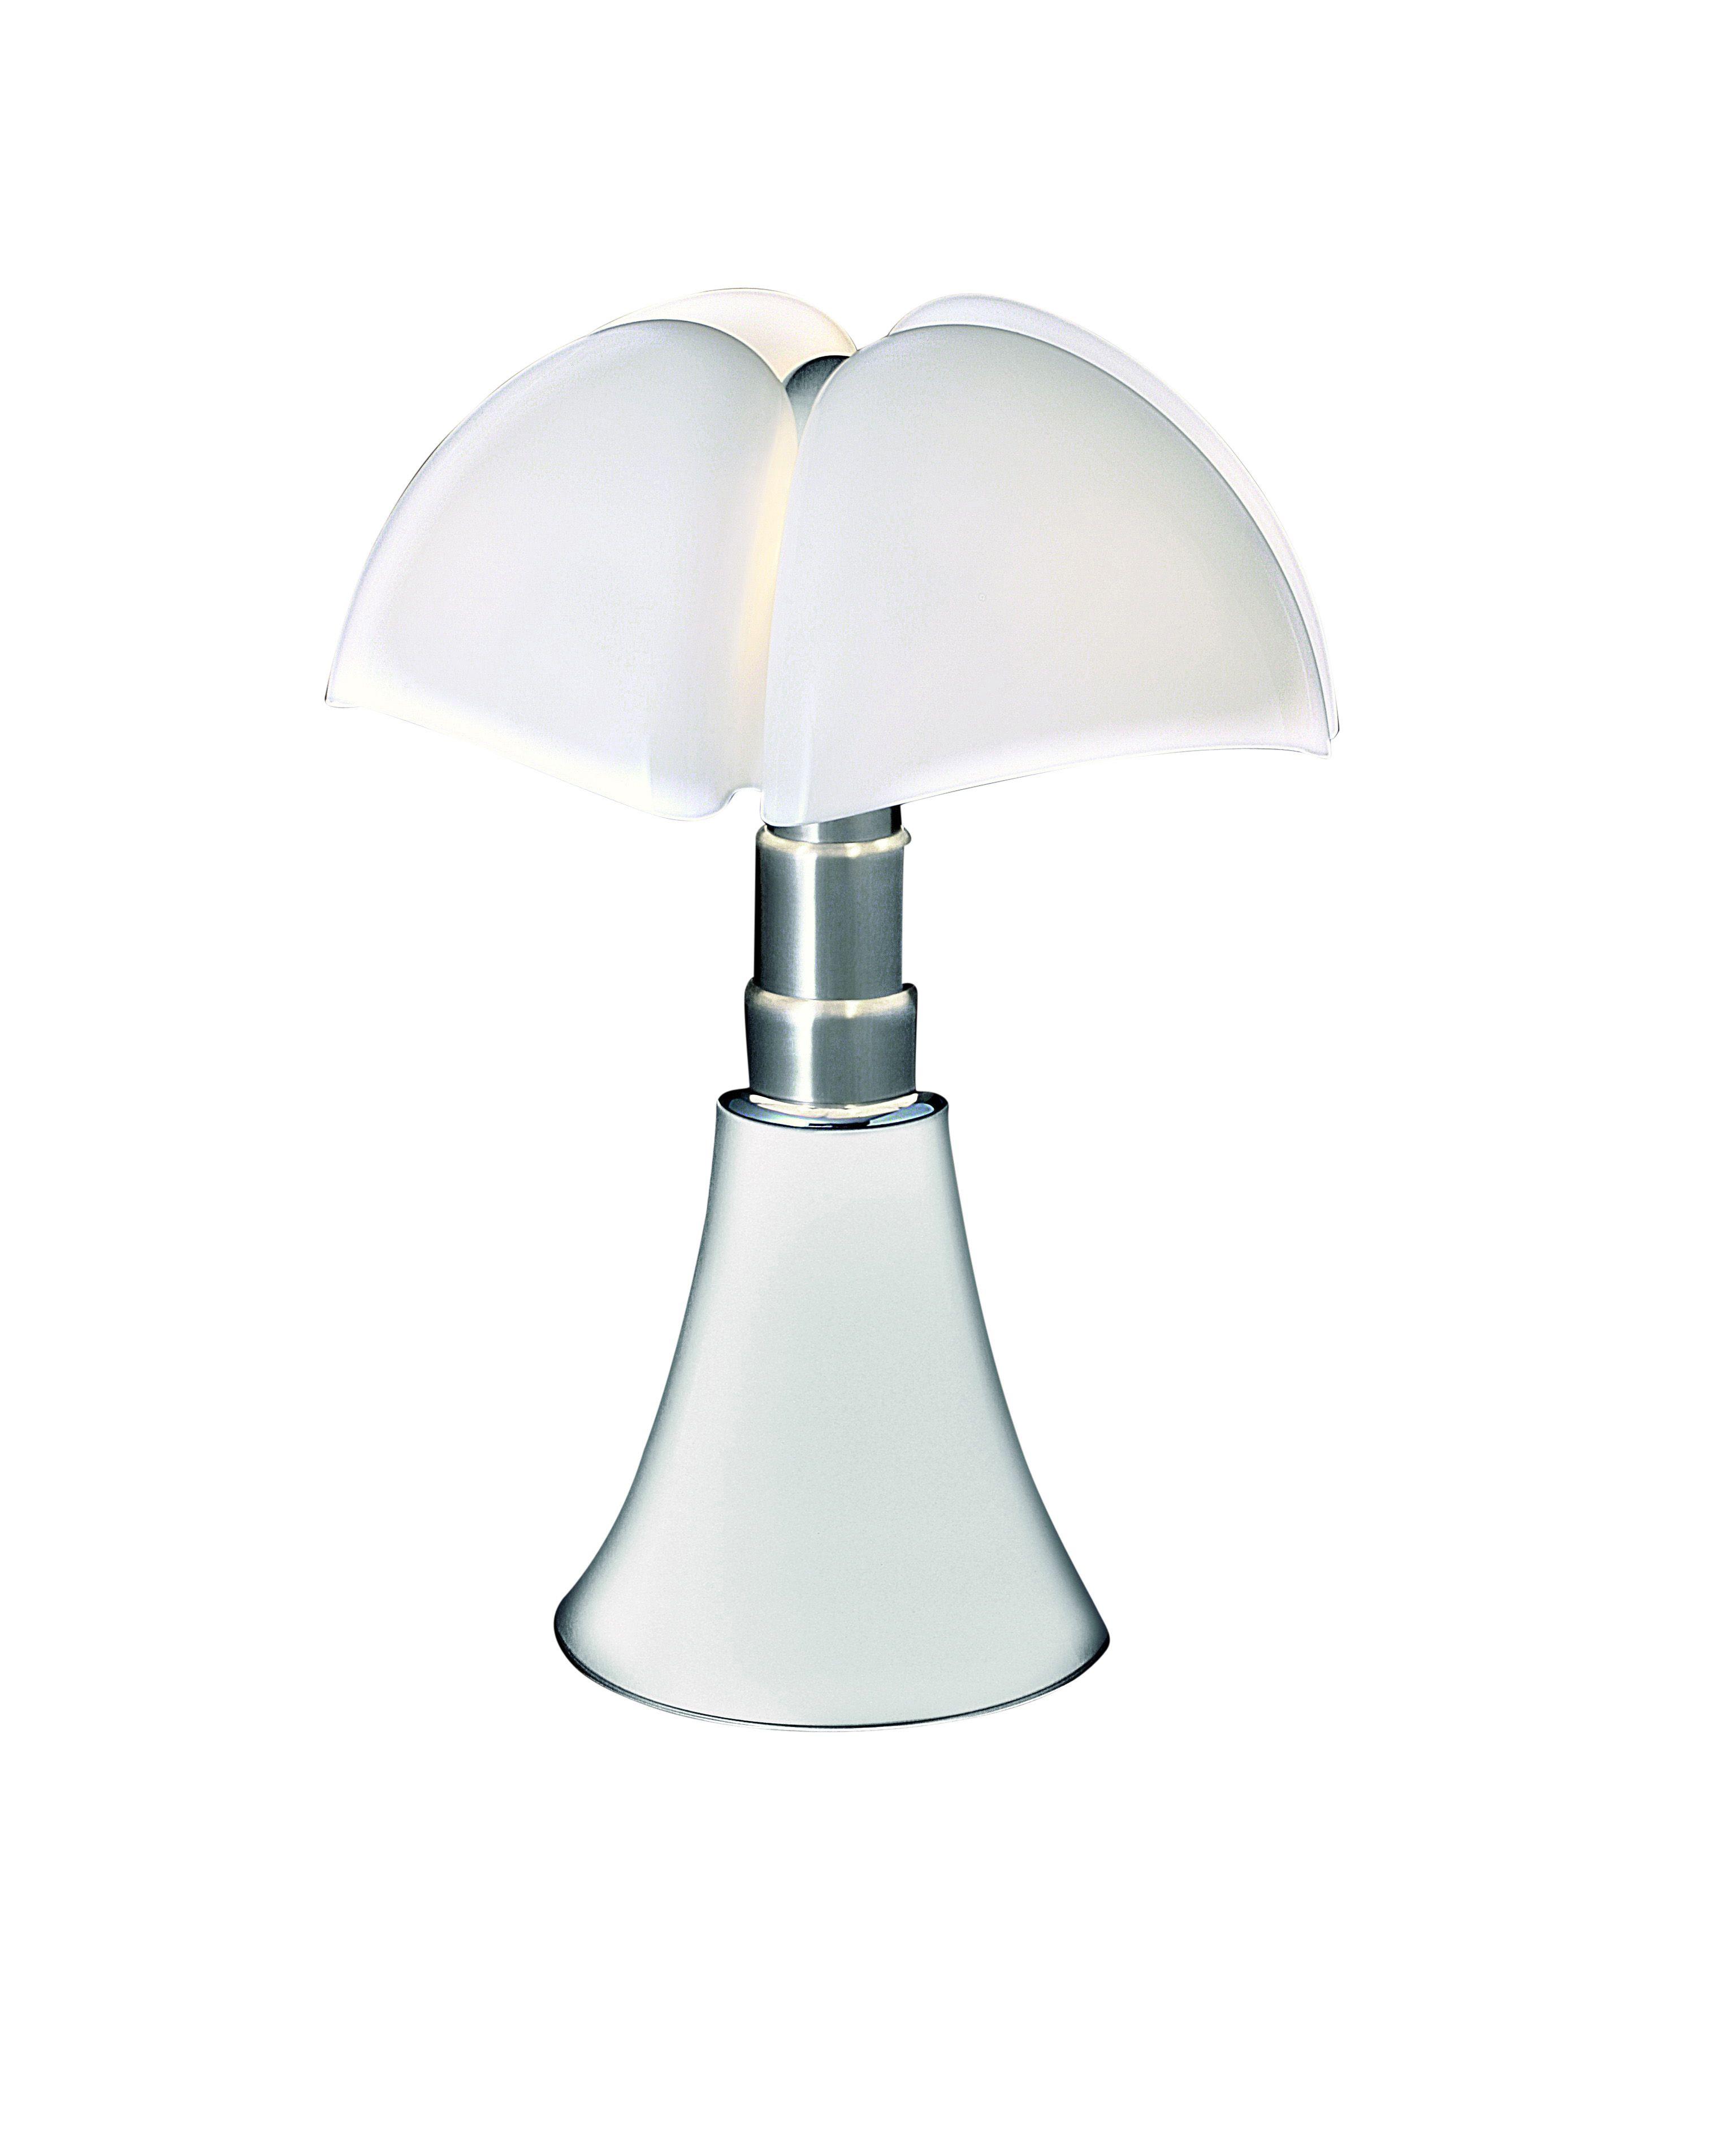 Résultat Supérieur 60 Nouveau Lampe A Poser Cuivre s 2018 Zat3